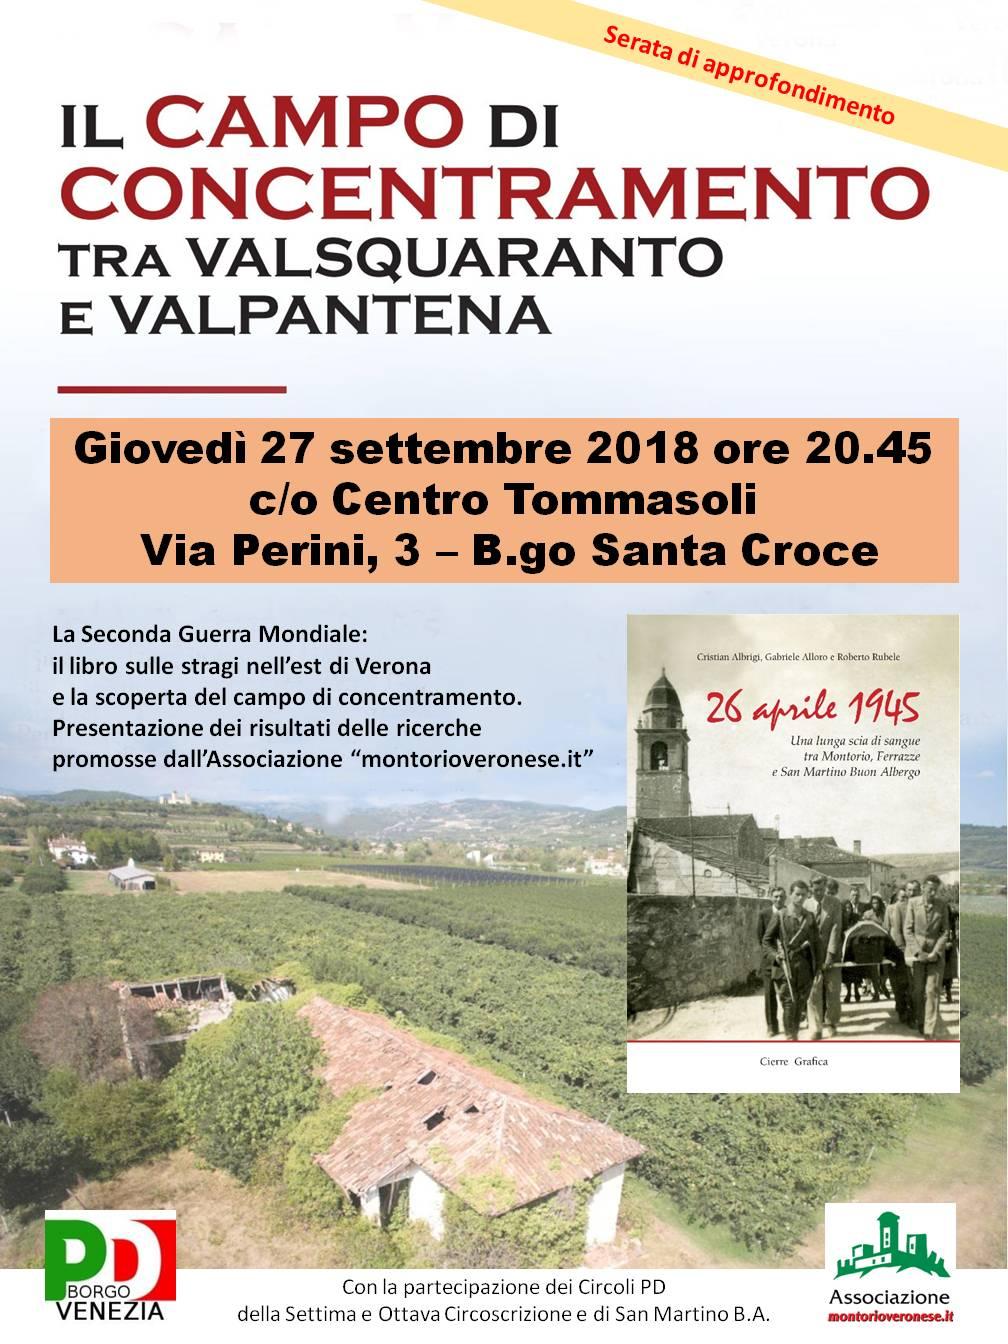 26 aprile 1945 - Serata di approfondimento al Centro Tommasoli @ Centro Tommasoli | Verona | Veneto | Italia